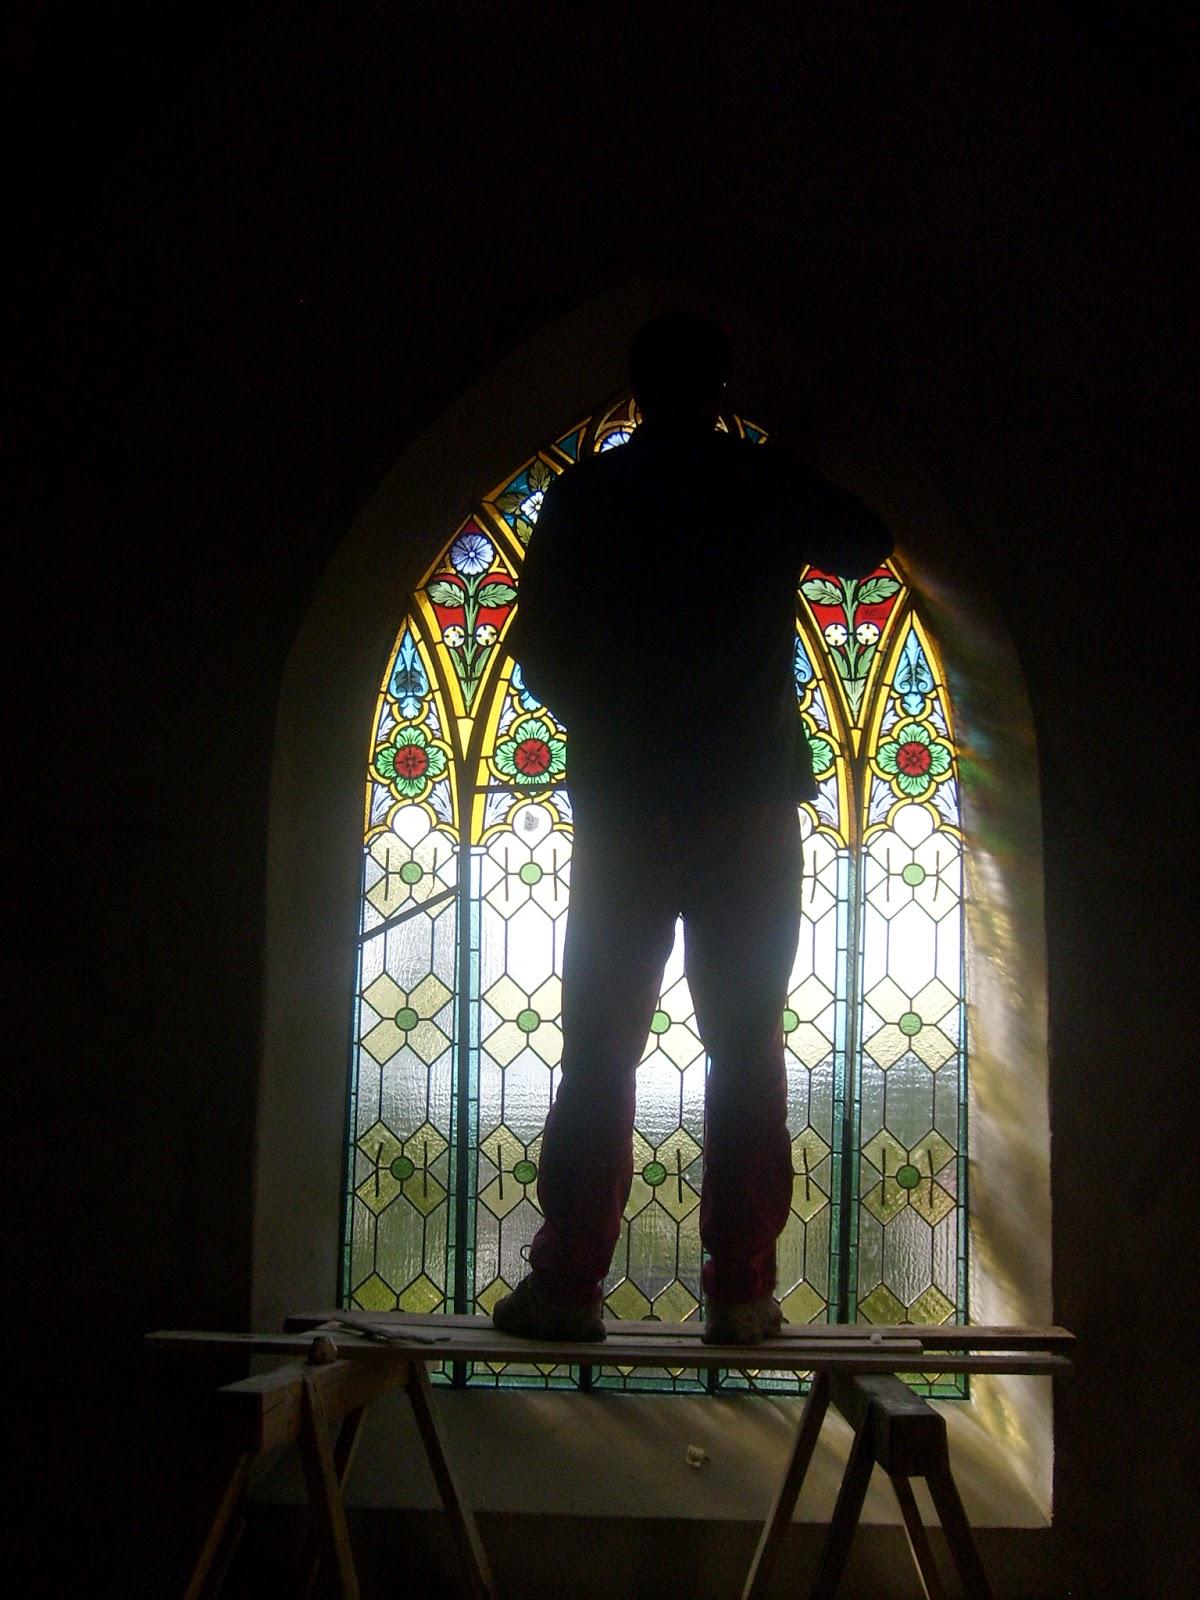 restaurování vitráží - figurální malba